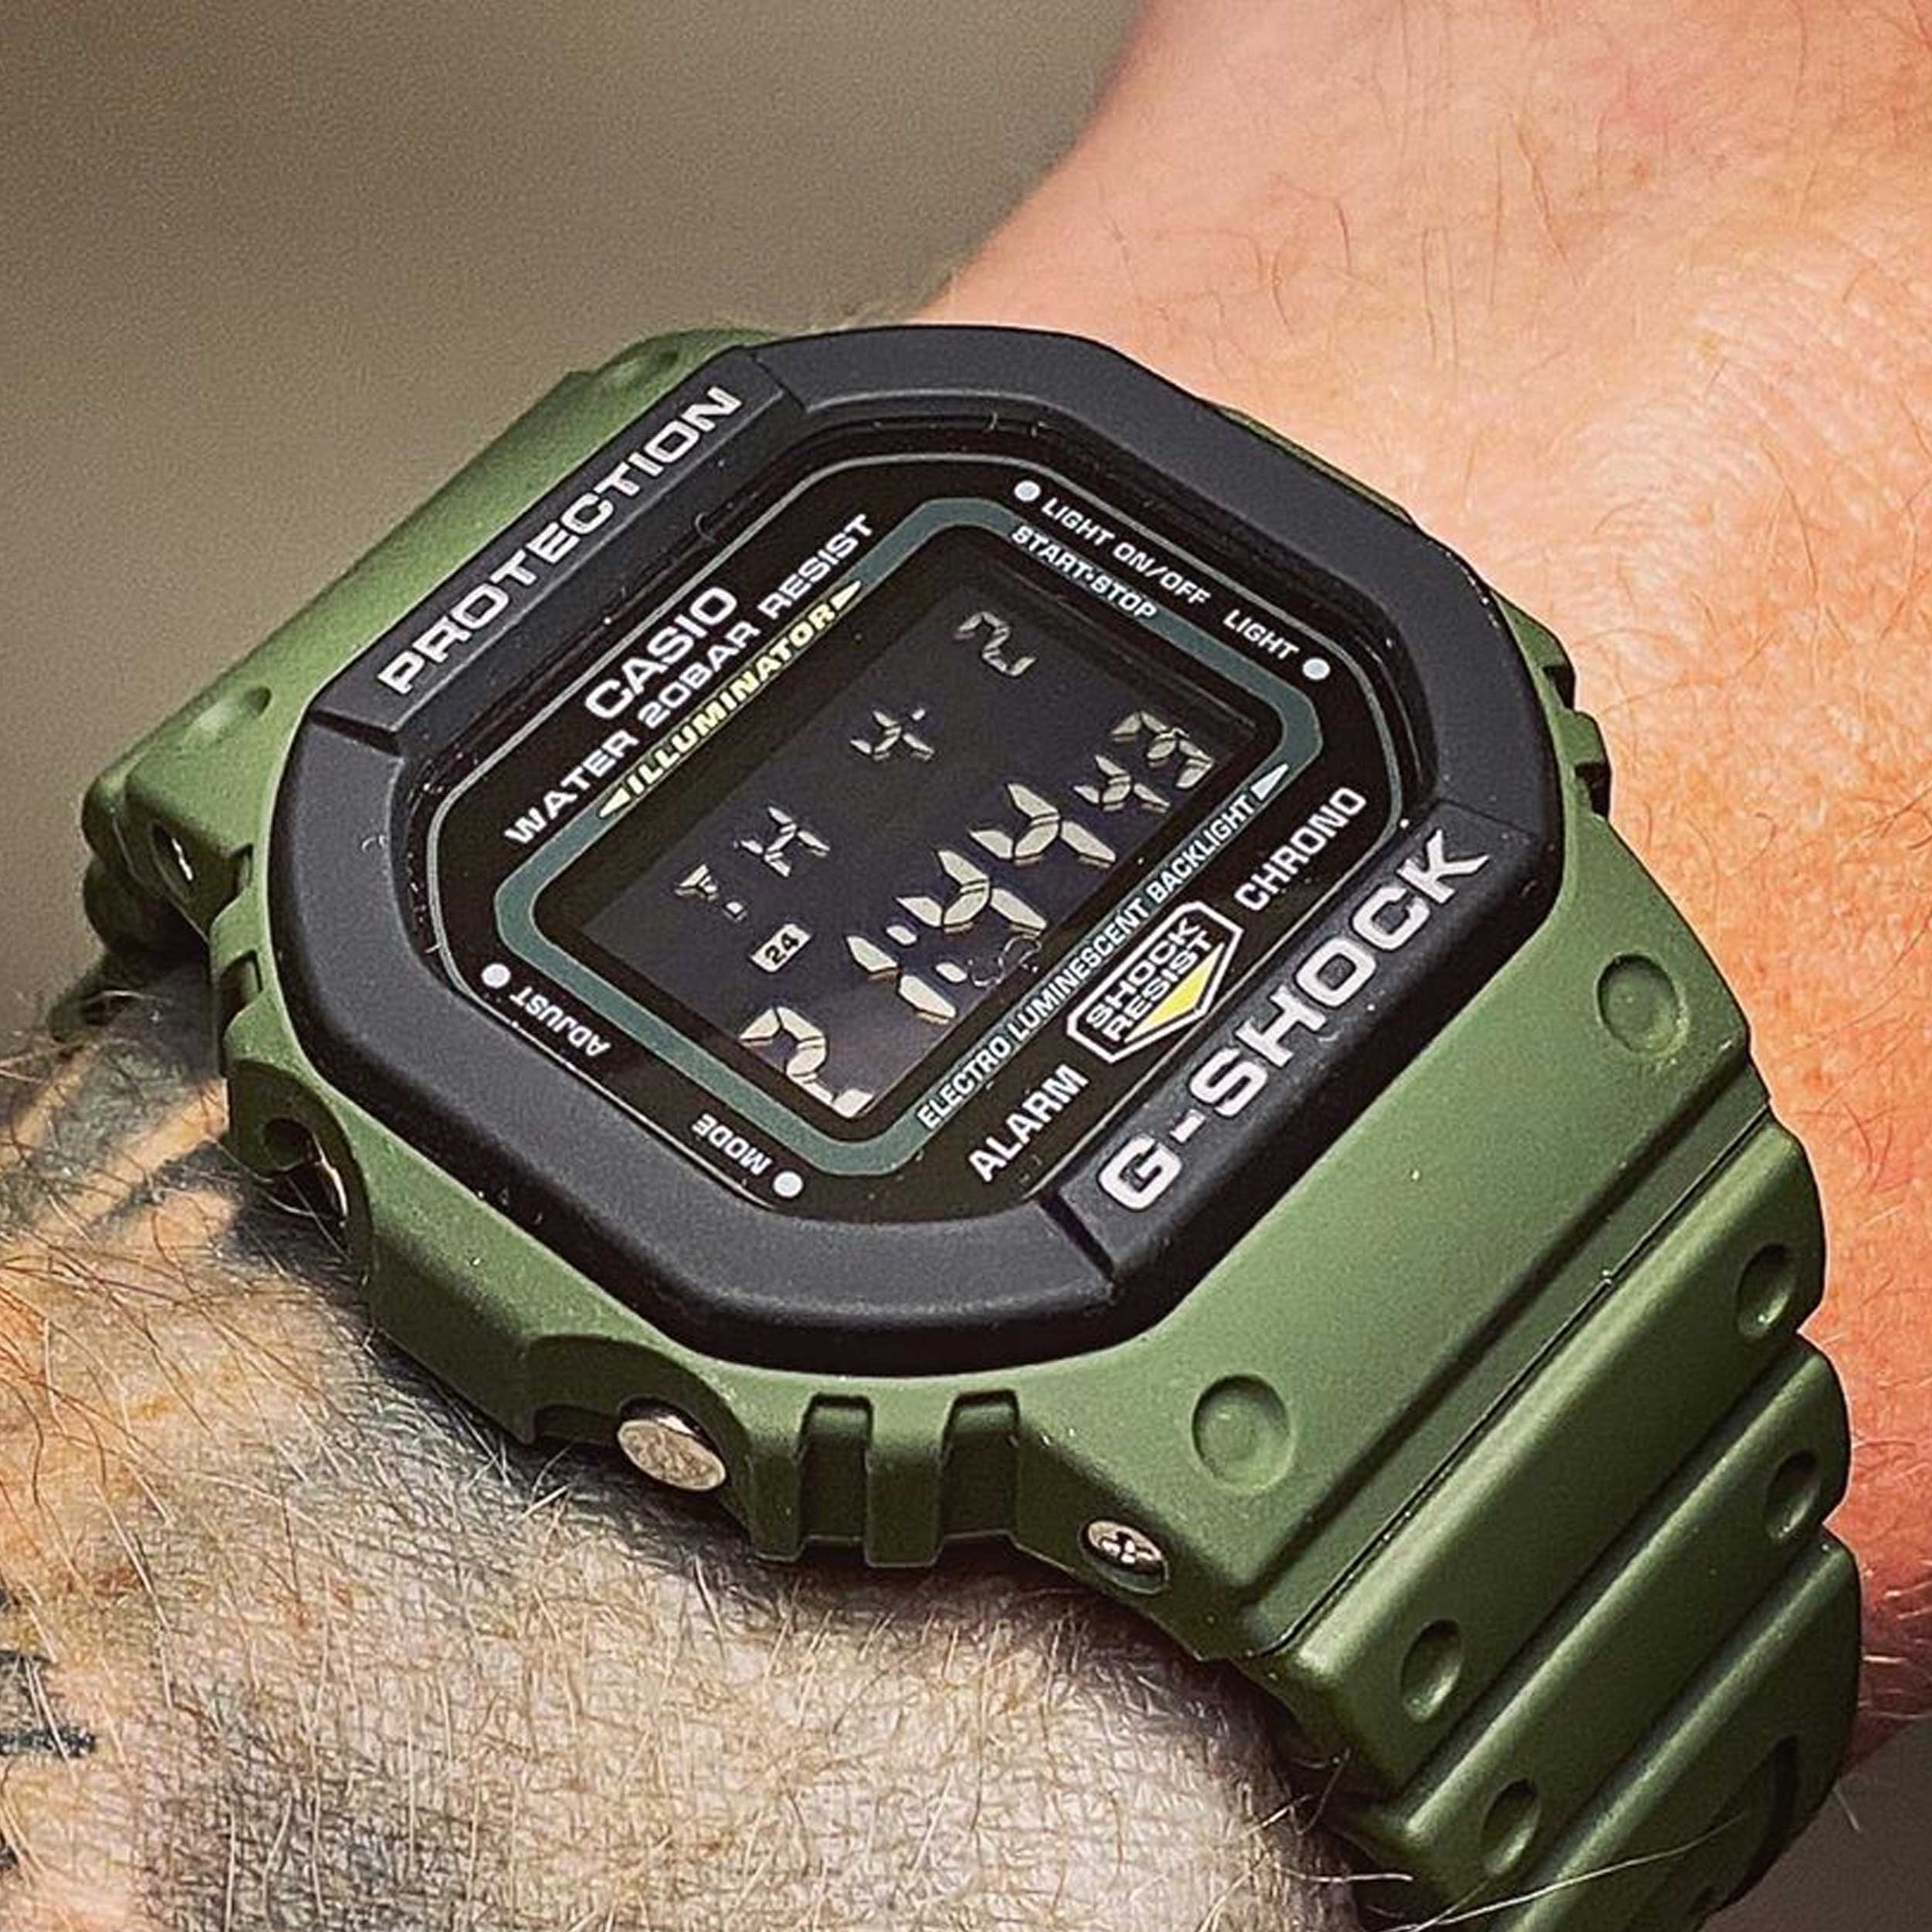 ساعت مچی دیجیتال کاسیو مدل DW-5610SU-3DR